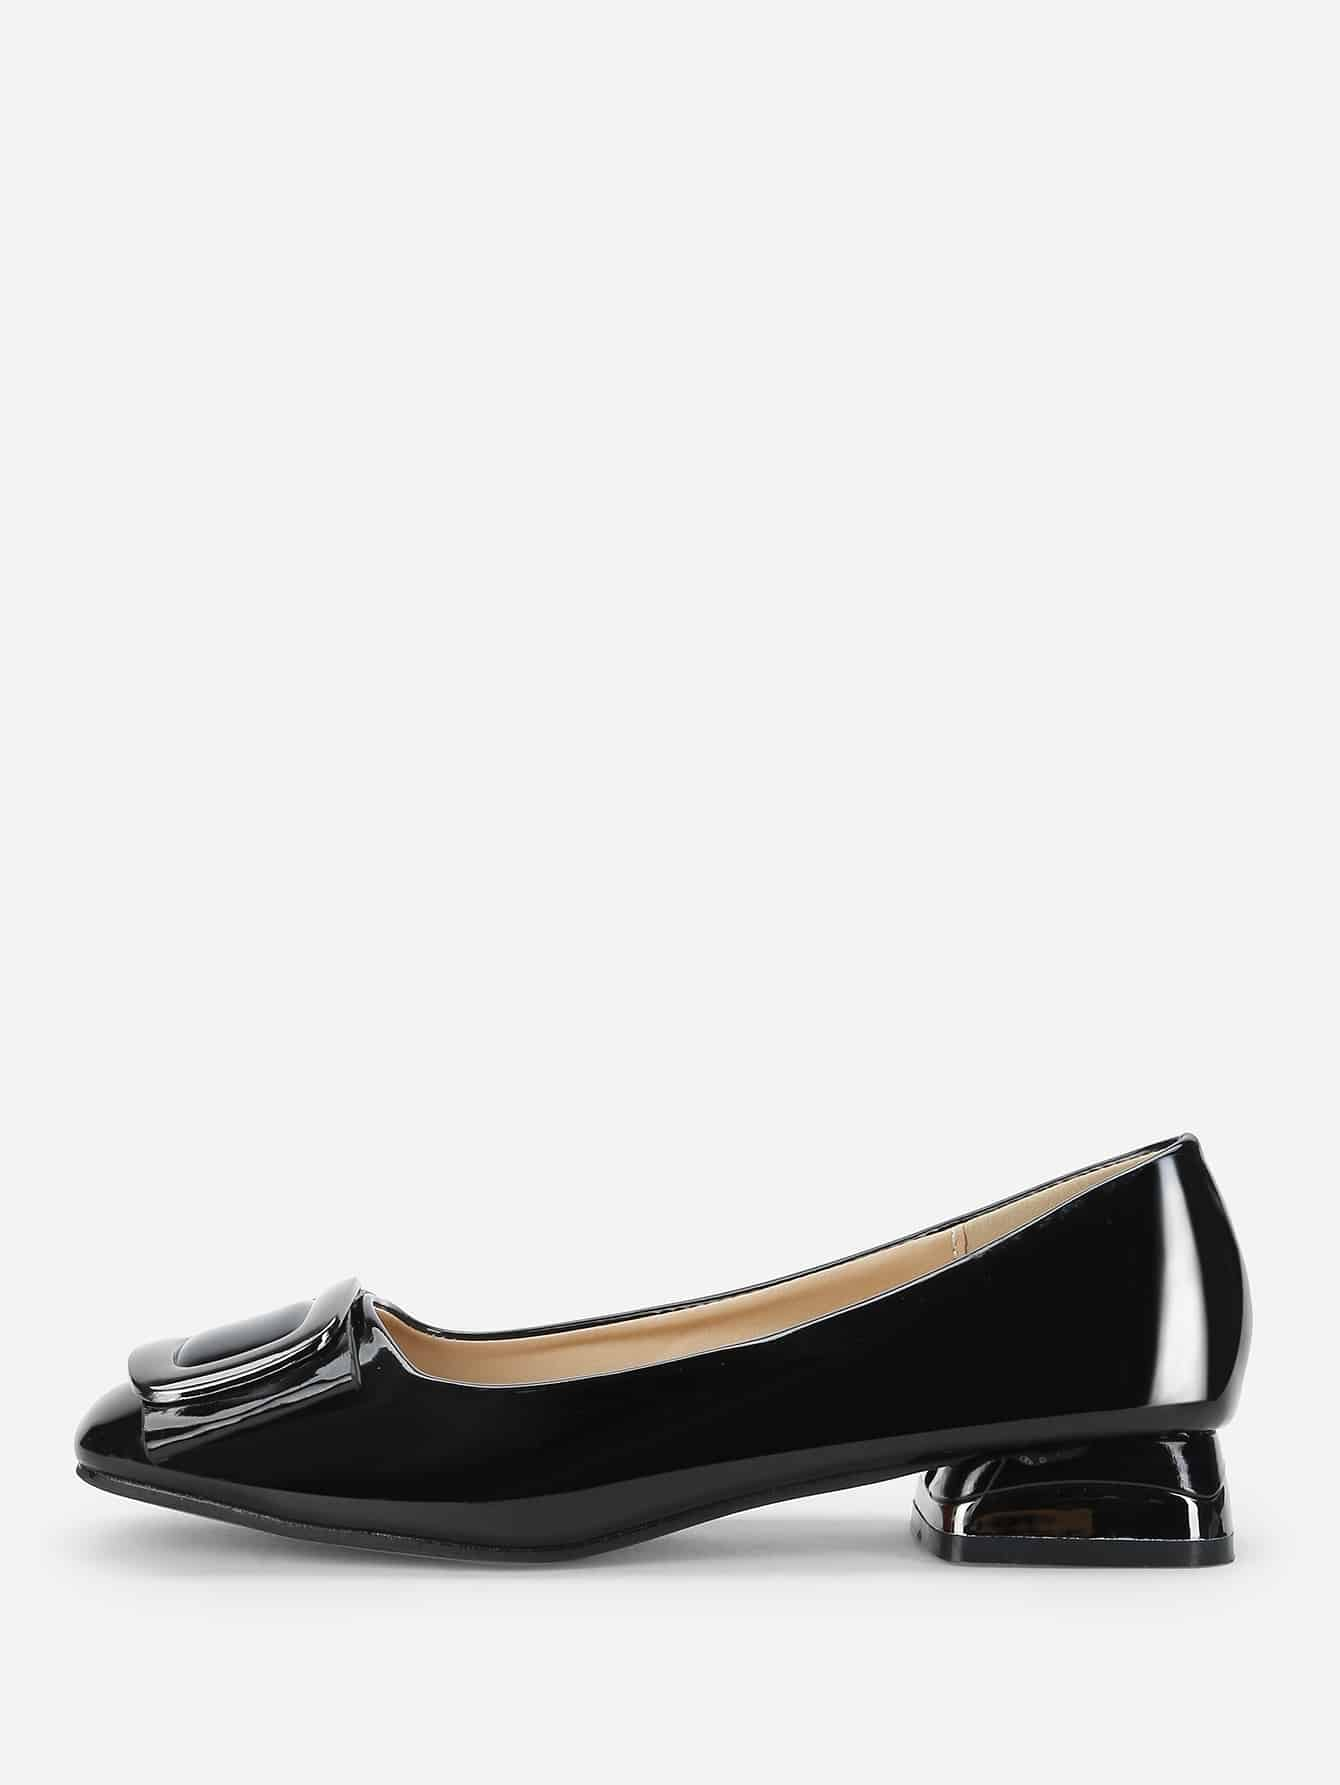 Купить Лакированные туфли на плоской подошве и с украшением застёжкой, null, SheIn